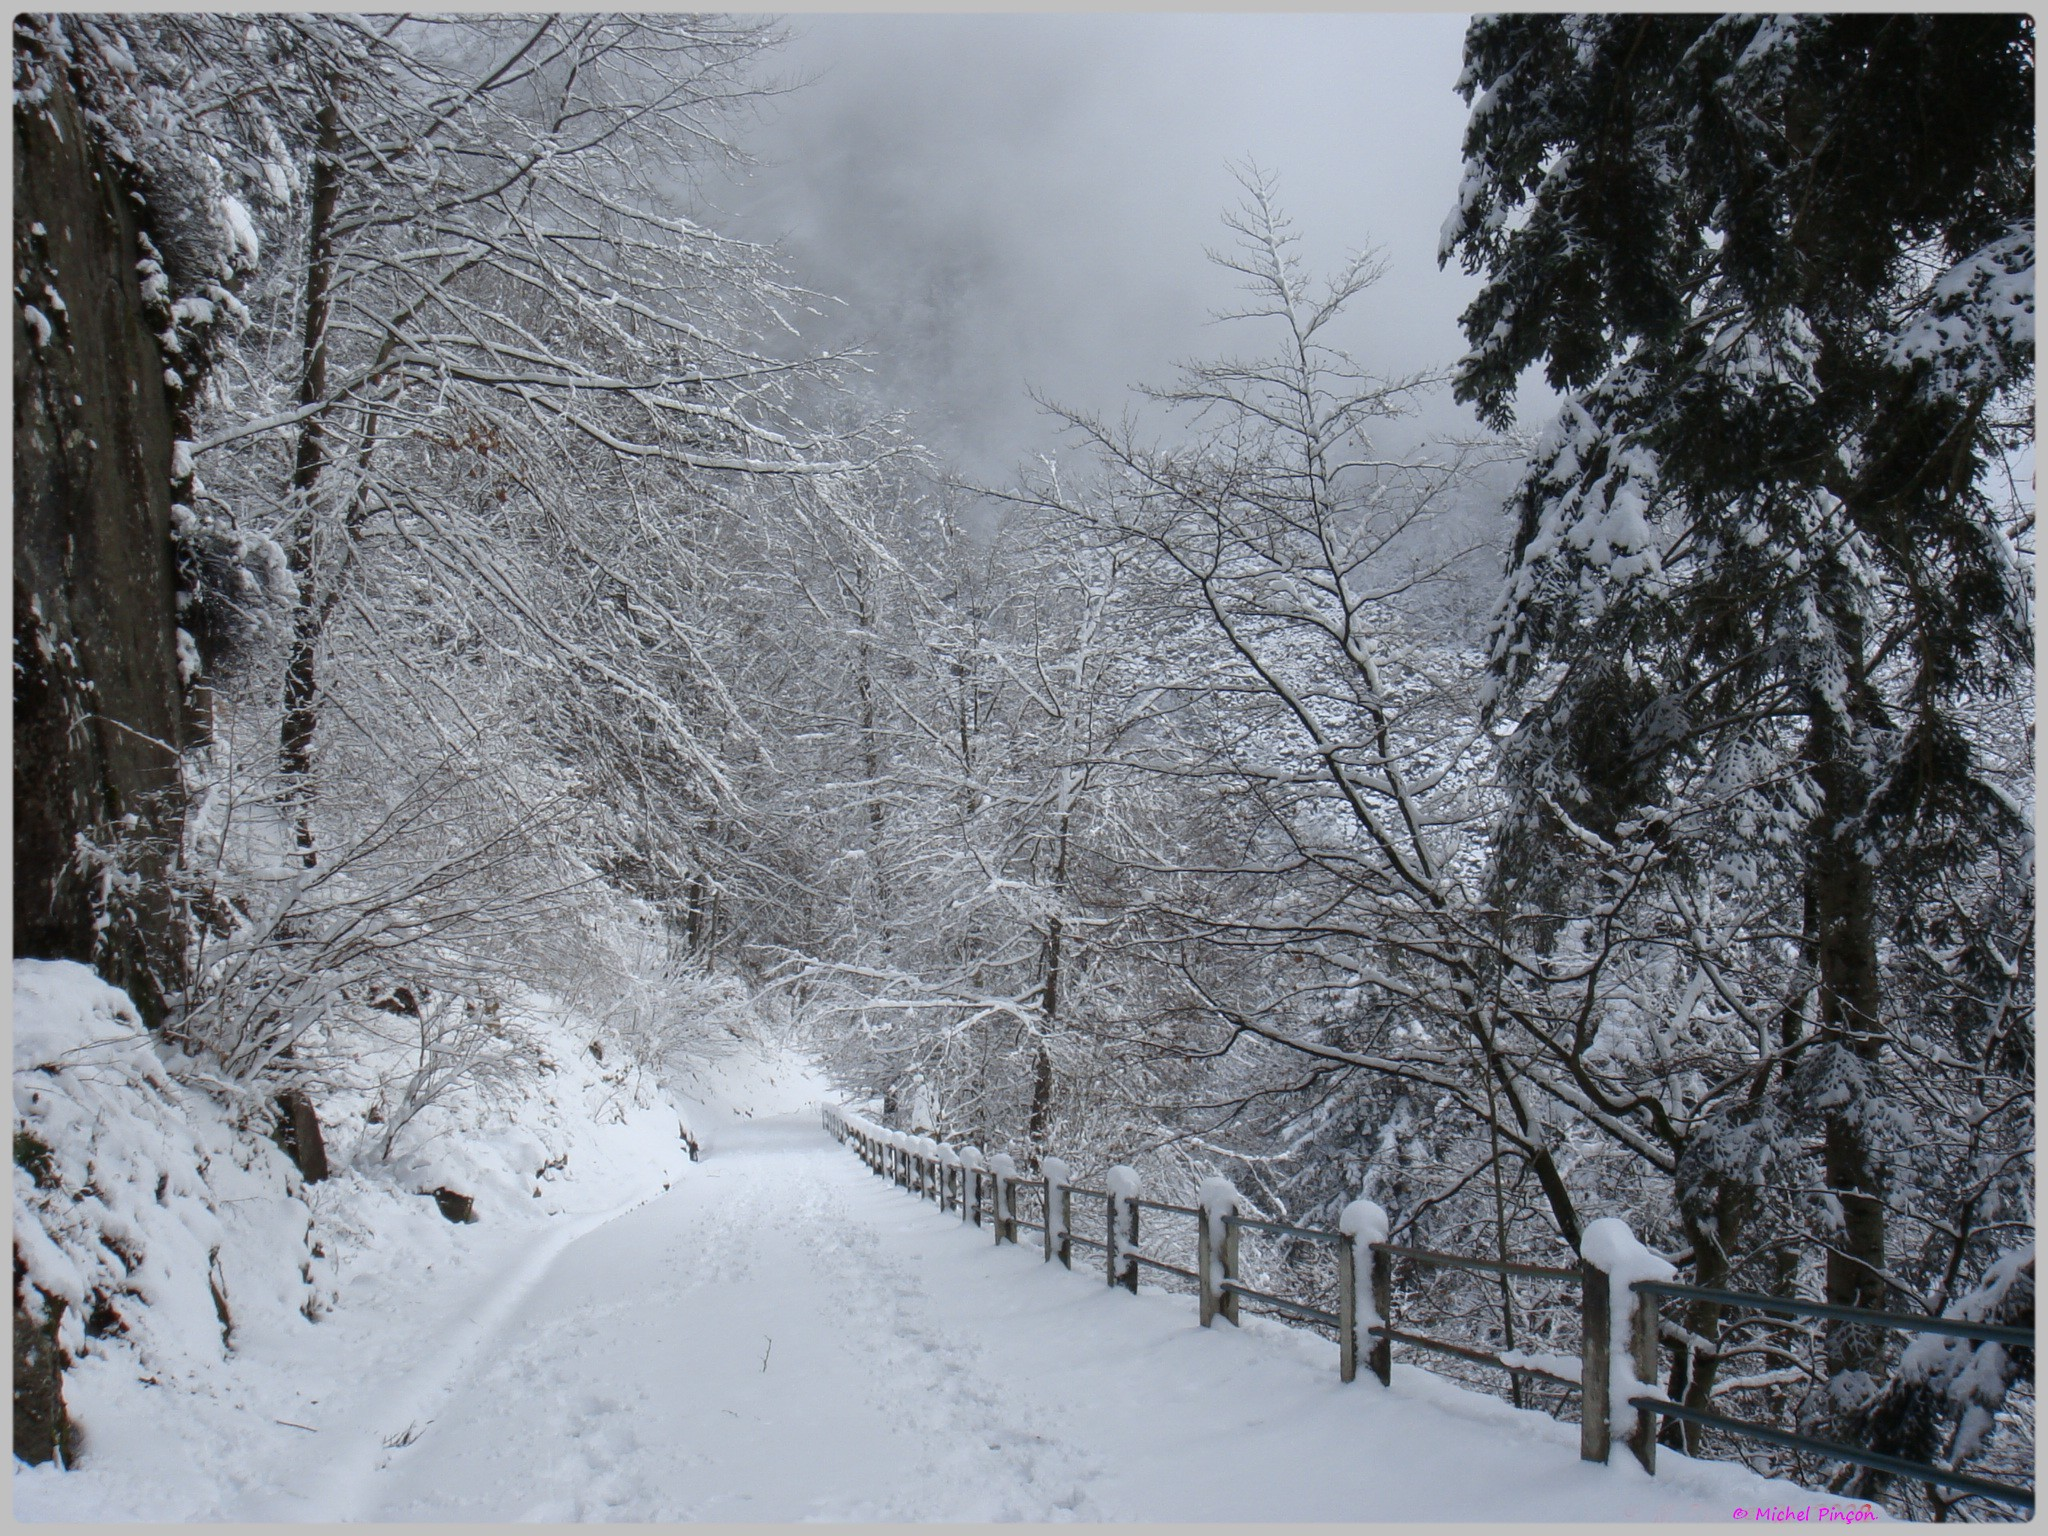 Une semaine à la Neige dans les Htes Pyrénées - Page 2 332700DSC00296